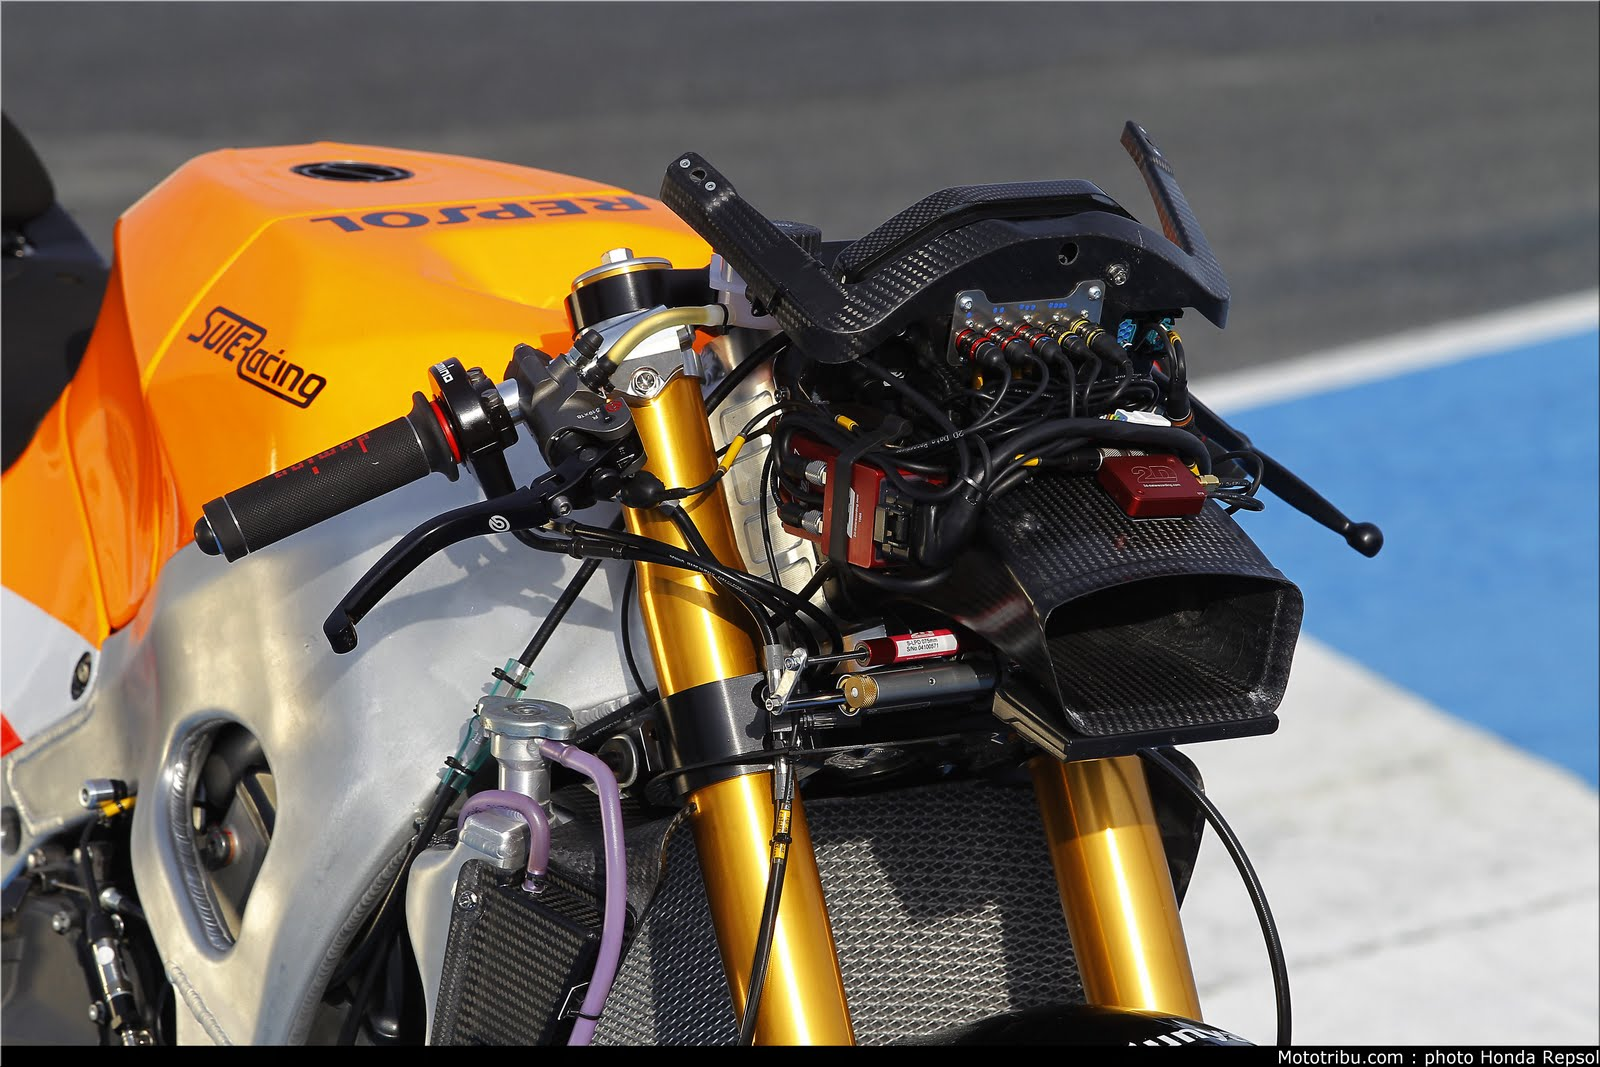 Machines de courses ( Race bikes ) - Page 6 Suter%2BMMX%2BMarquez%2B2011%2B11